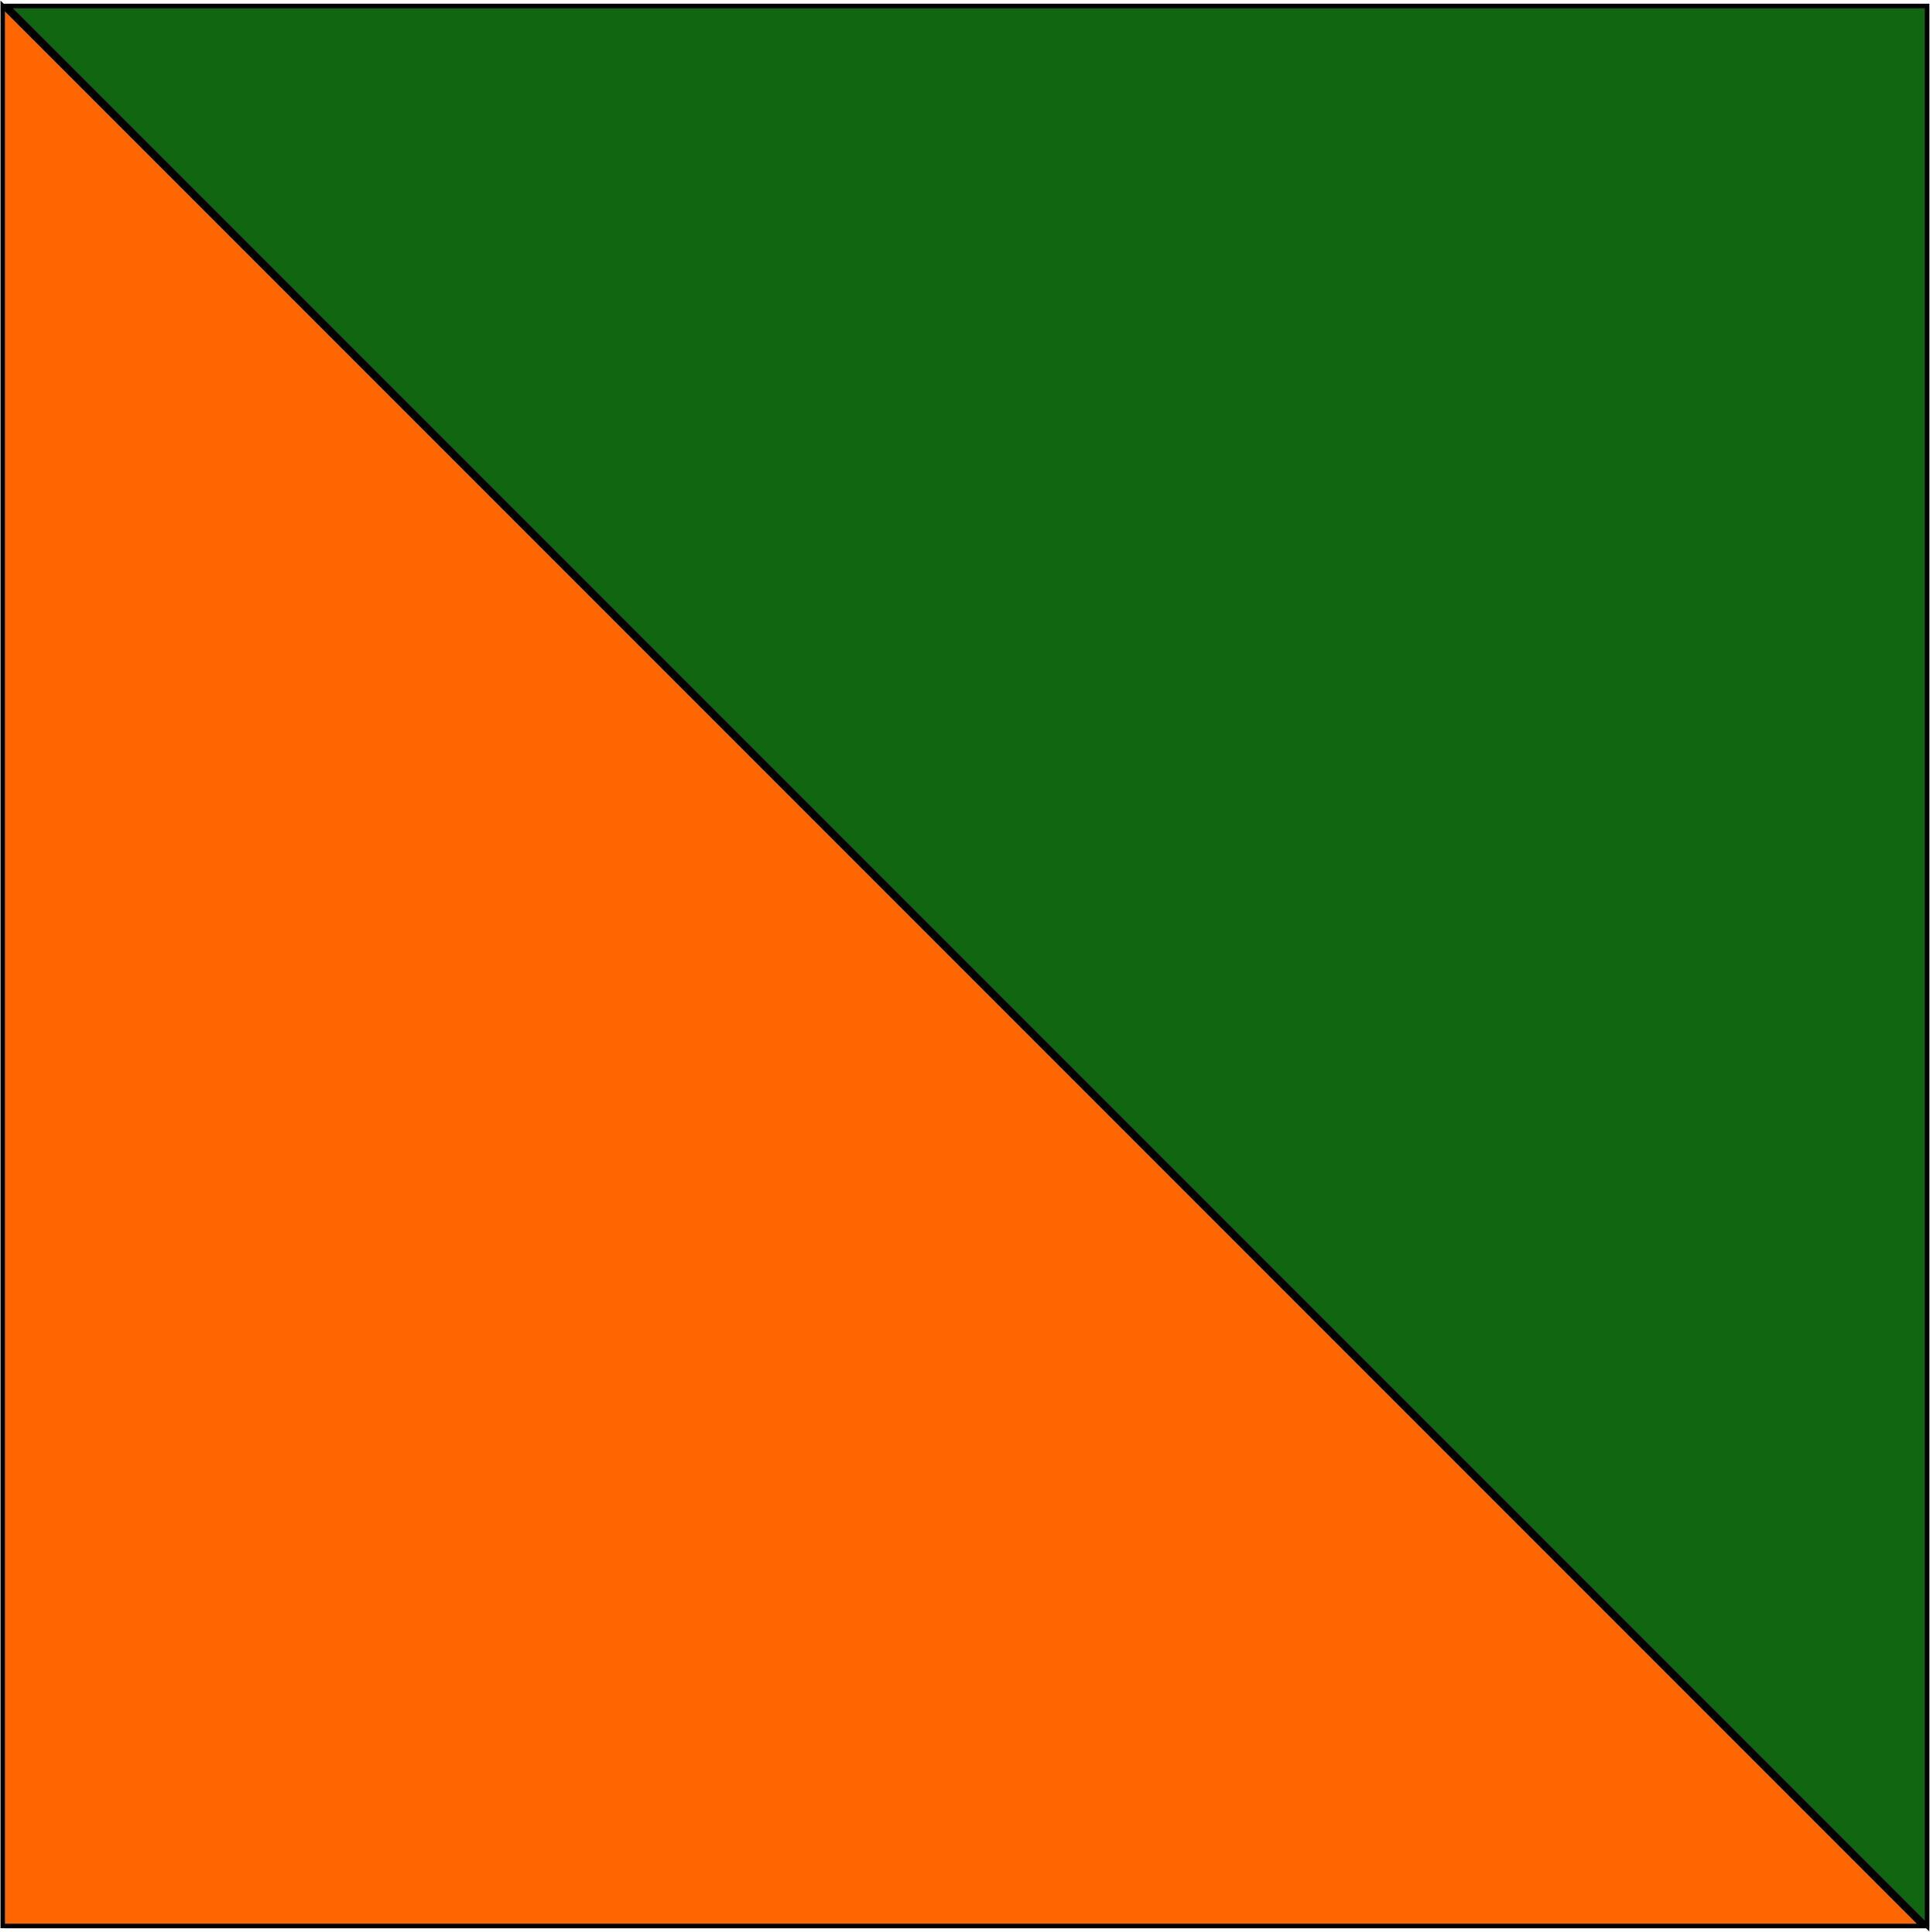 pomarańczowy/zielony